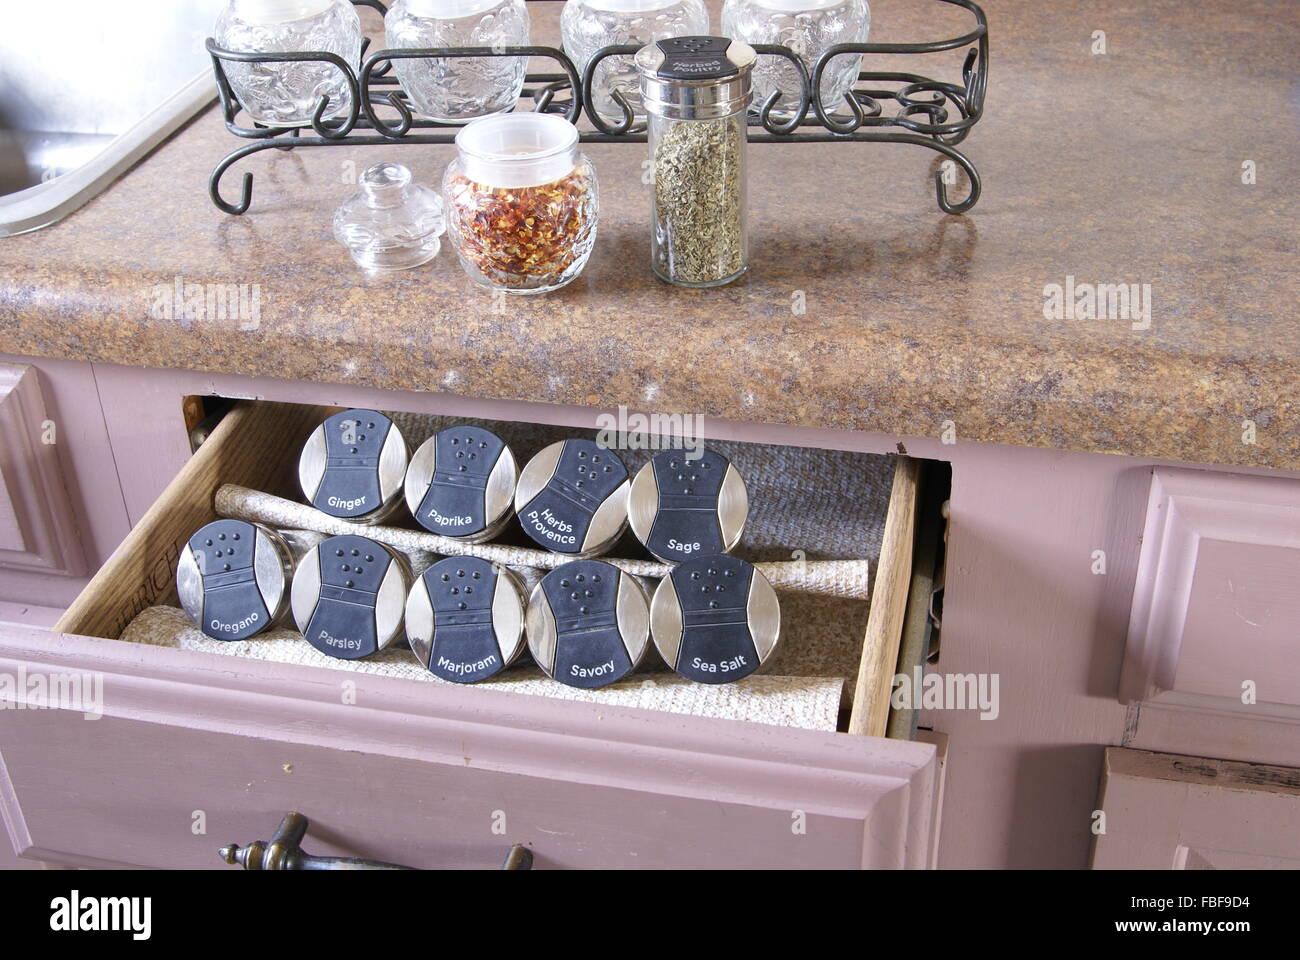 Beschriftete Gewürzdosen organisiert in einer Schublade Stockfoto ...